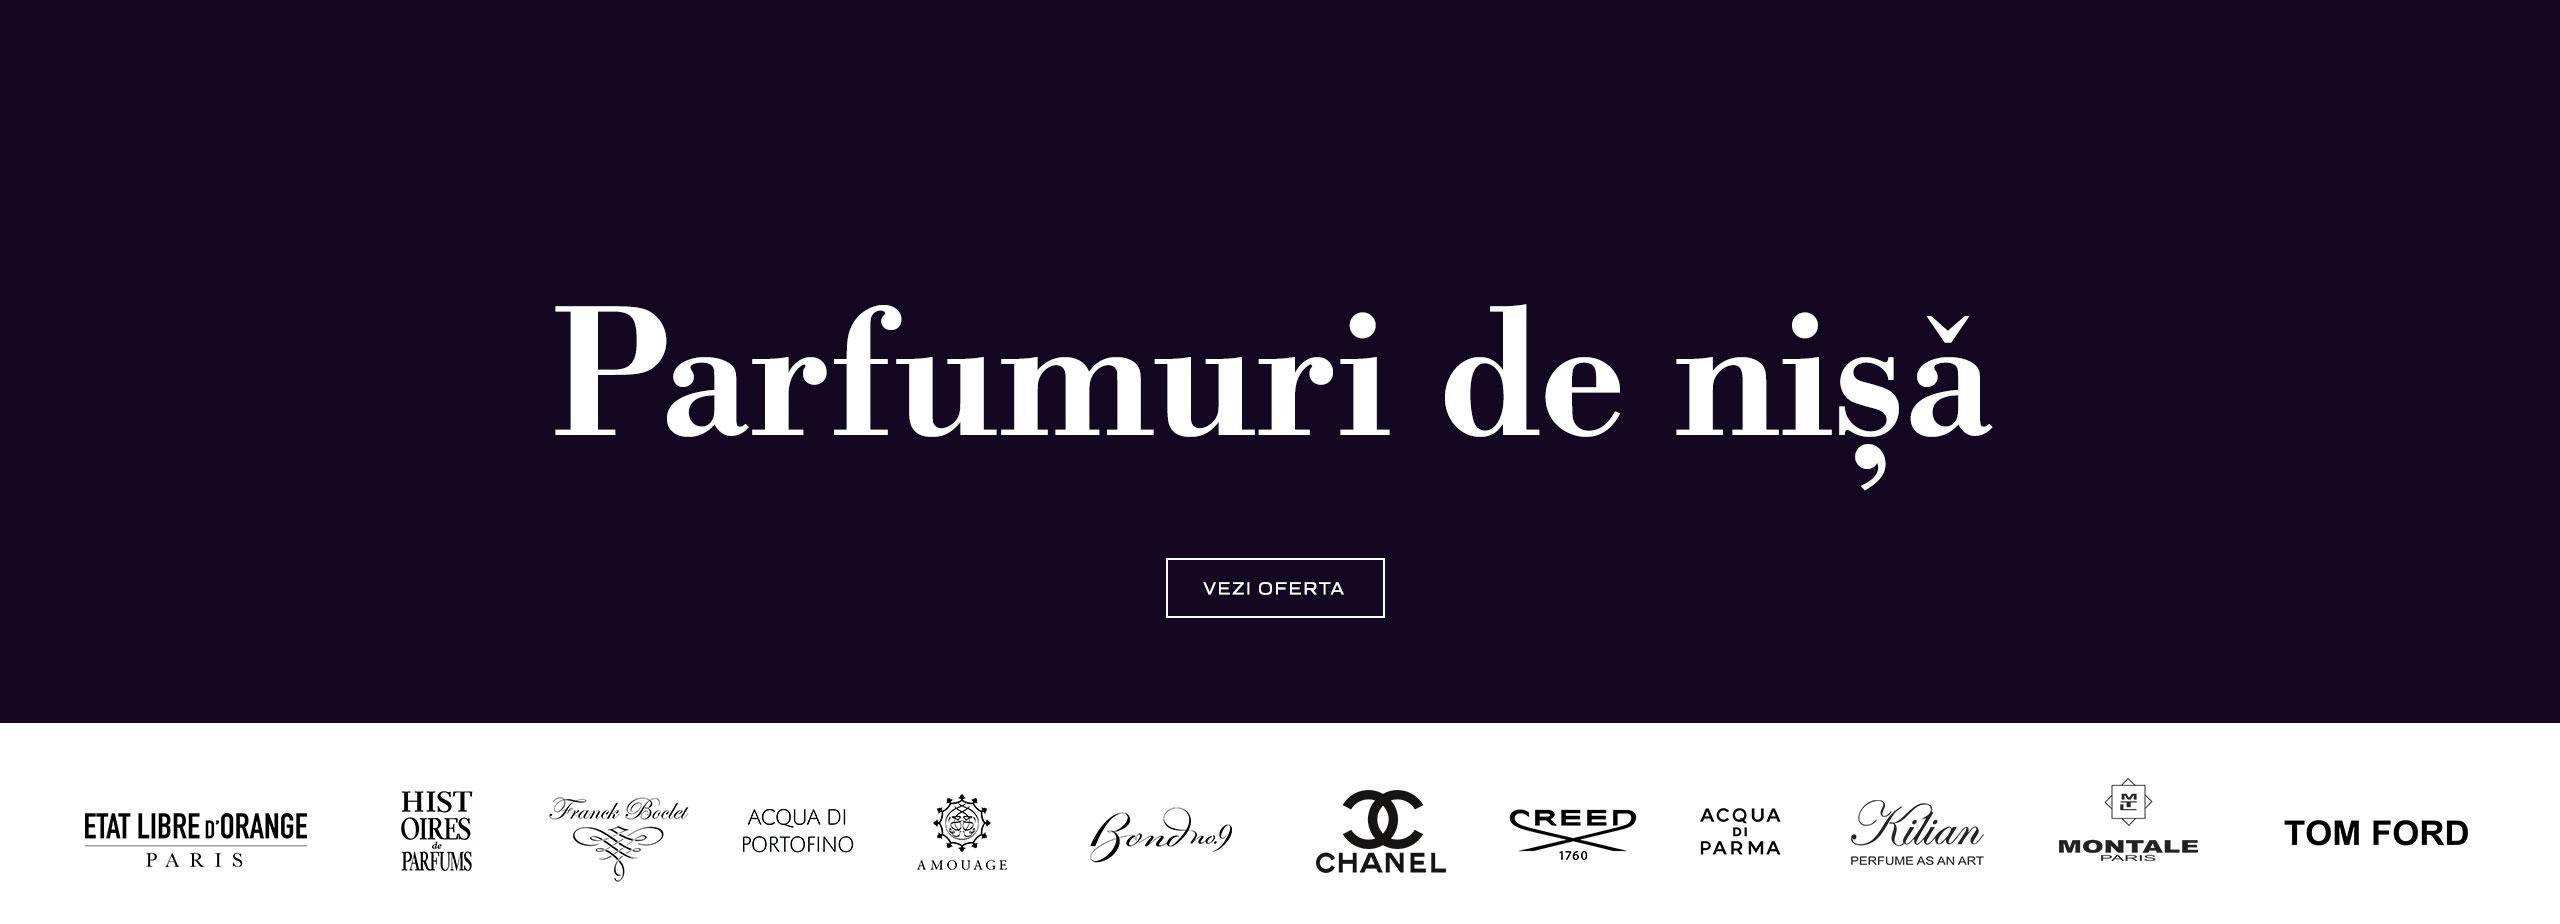 https://www.parfumu.ro/parfumuri-de-nisa